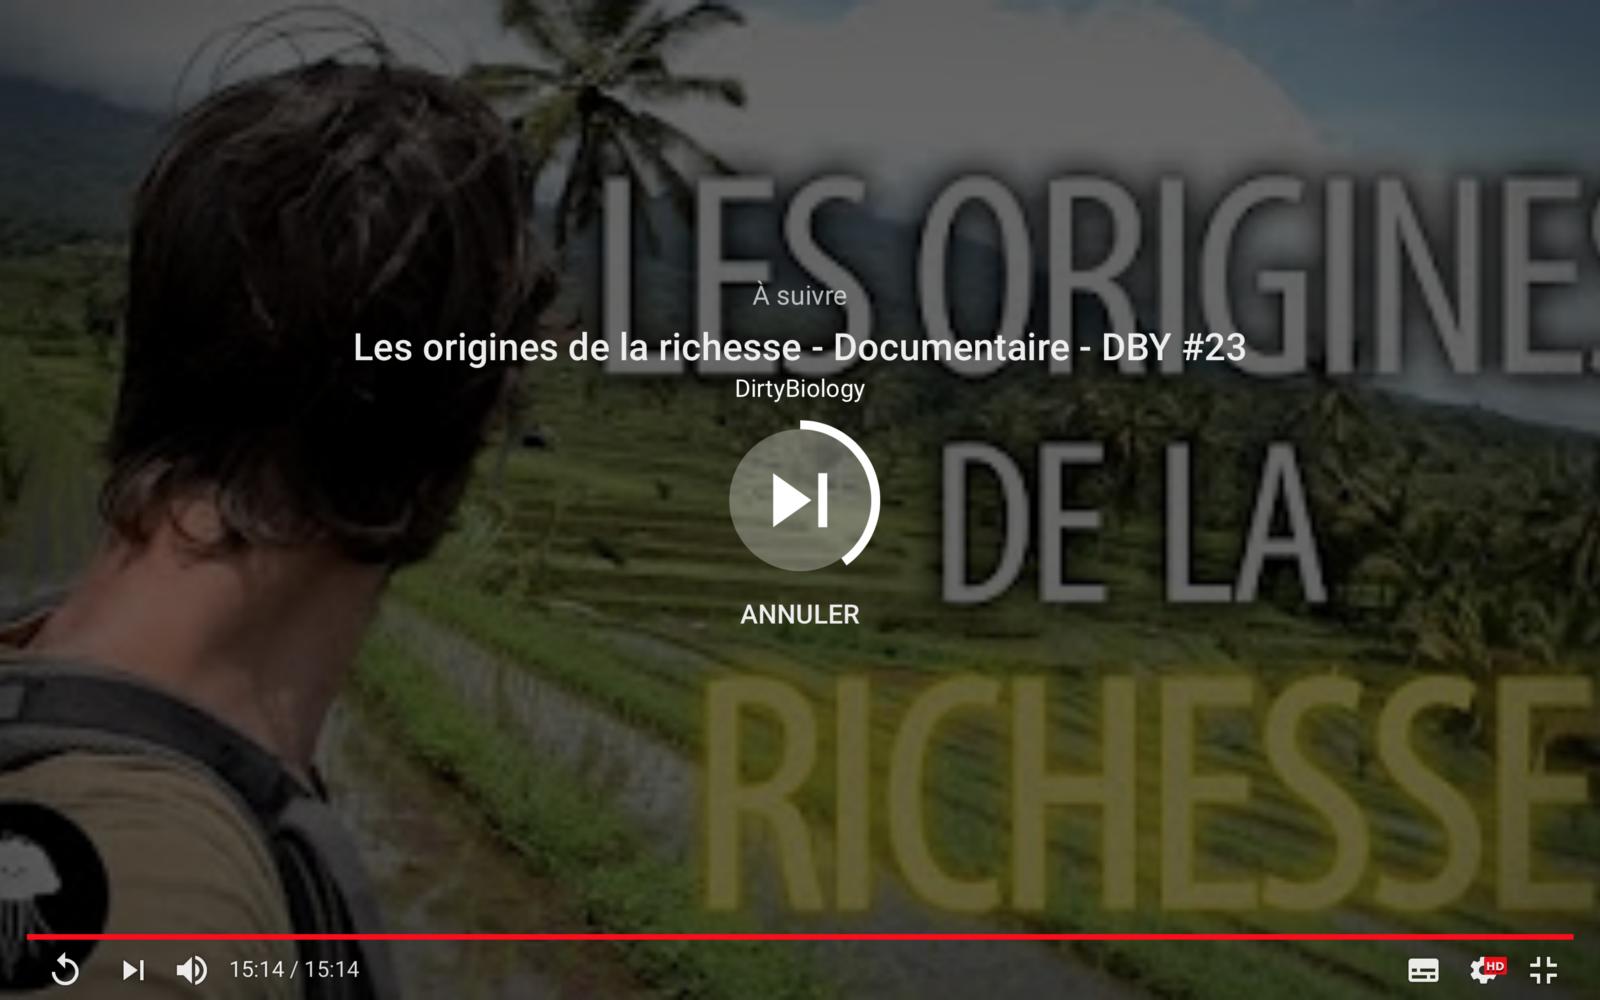 Дизайн привычных вещей: как улучшить интерфейс на примере YouTube - 5